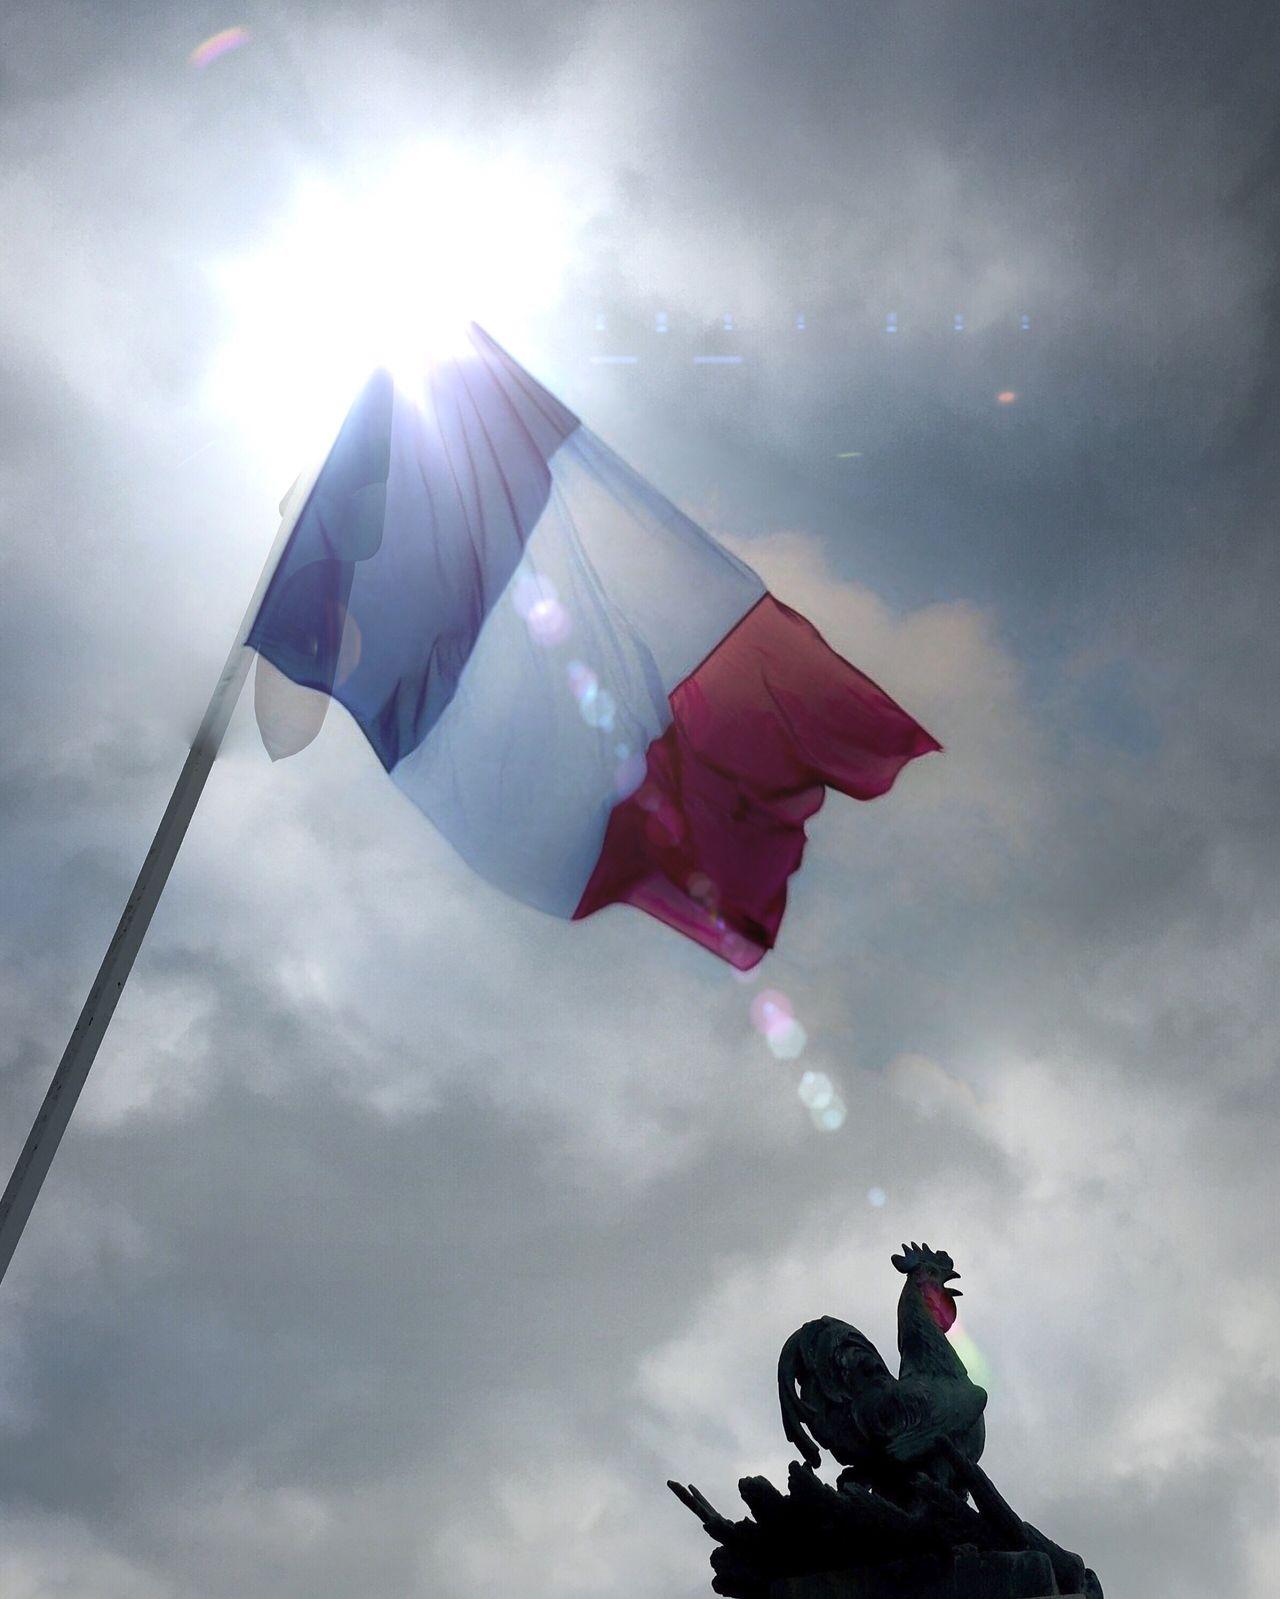 mpossible n'est pas français! Impossible N'est Pas Français Frenchflag Flag Anthem Cock Patriotism France Tricolor Symbol Symbolism #impossiblenestpasfrancais #france #frenchpeople #anthem #tricolor #flag #frenchflag #frenchcock #cock #marseillaise #allonsenfantsdelapatrie #vivelafrance #vivelafrance #patrie #iphoneography #iphoneography #eyeem IPhoneography Monument Sky Showcase: February Eyeemcommunity